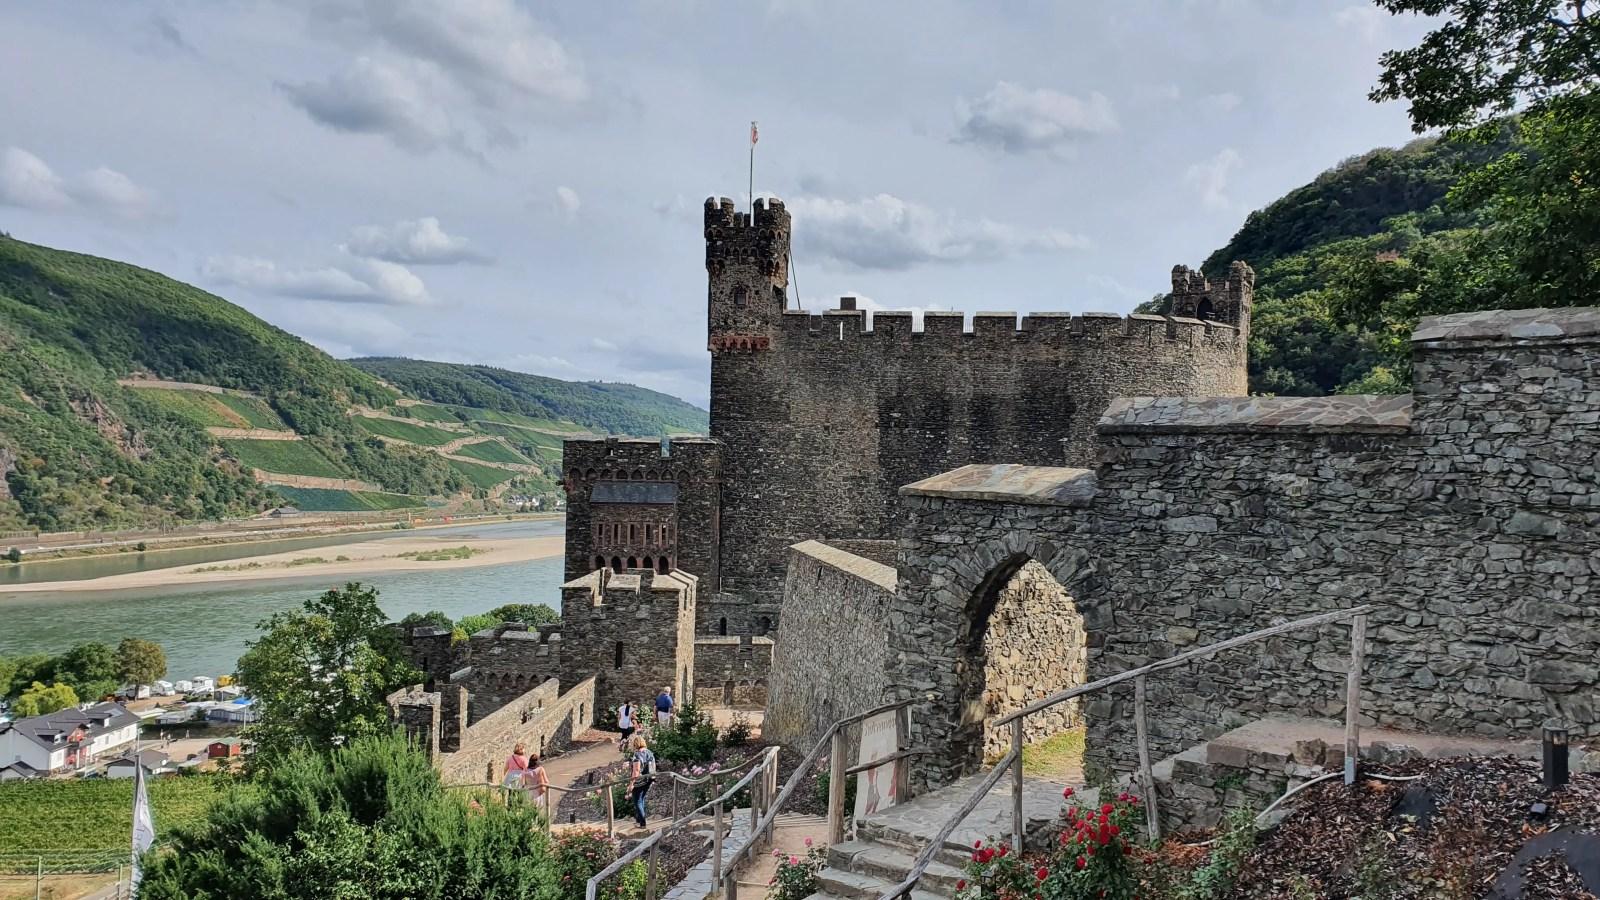 Burg Reichenstein, Burgen am Mittelrhein, Burgenblogger, Burgruine, Mittelrhein, Sehenswürdigkeiten am Mittelrhein